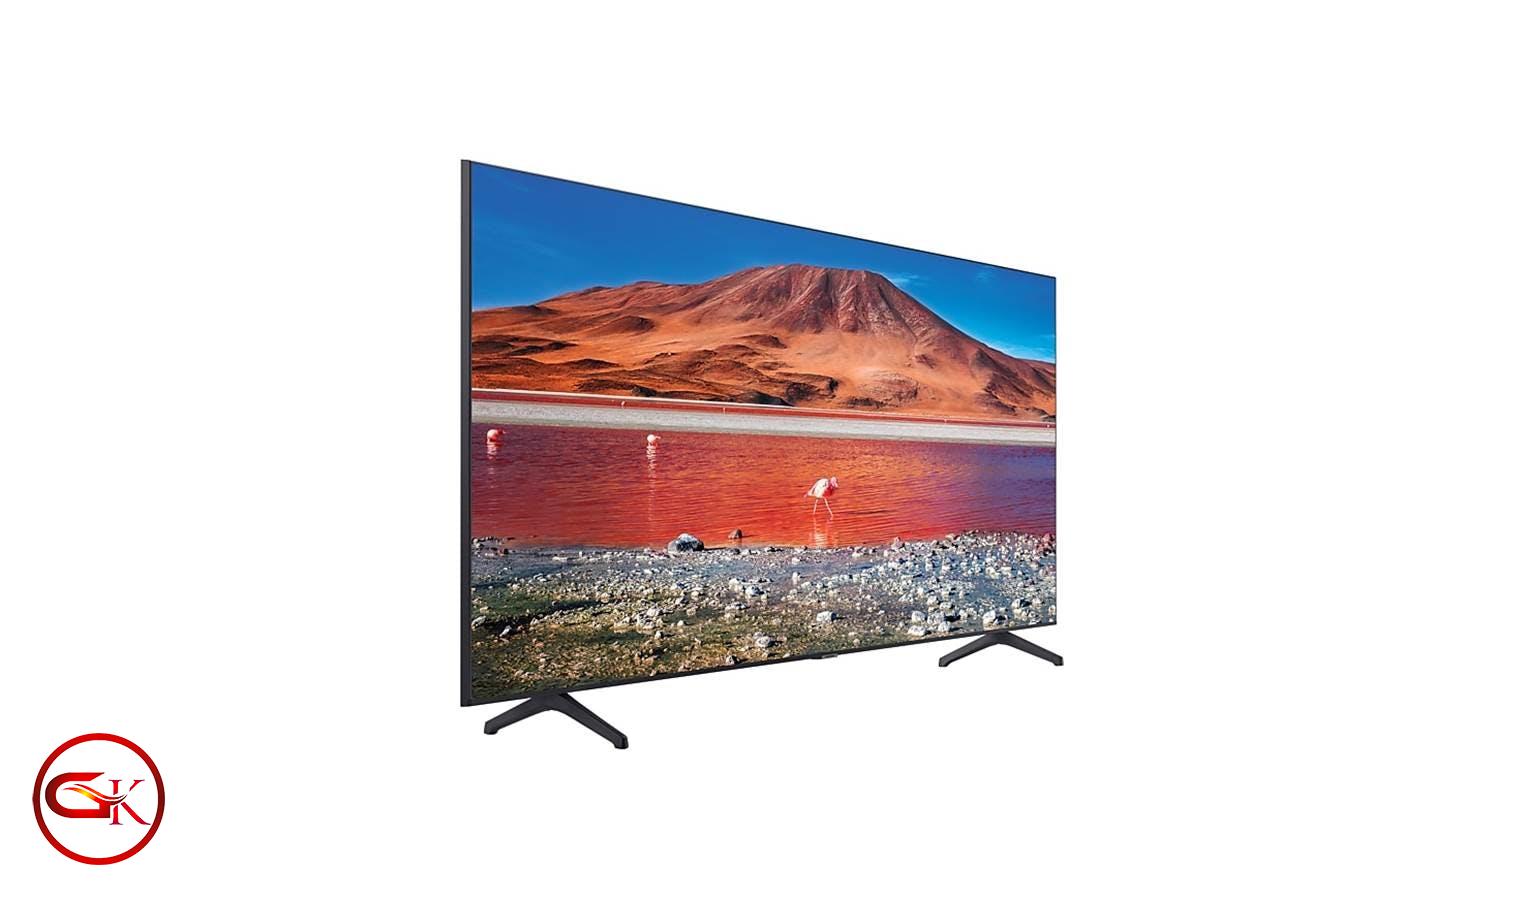 تلویزیون 55 اینچ سامسونگ مدل Samsung T7000 با کیفیت 4K